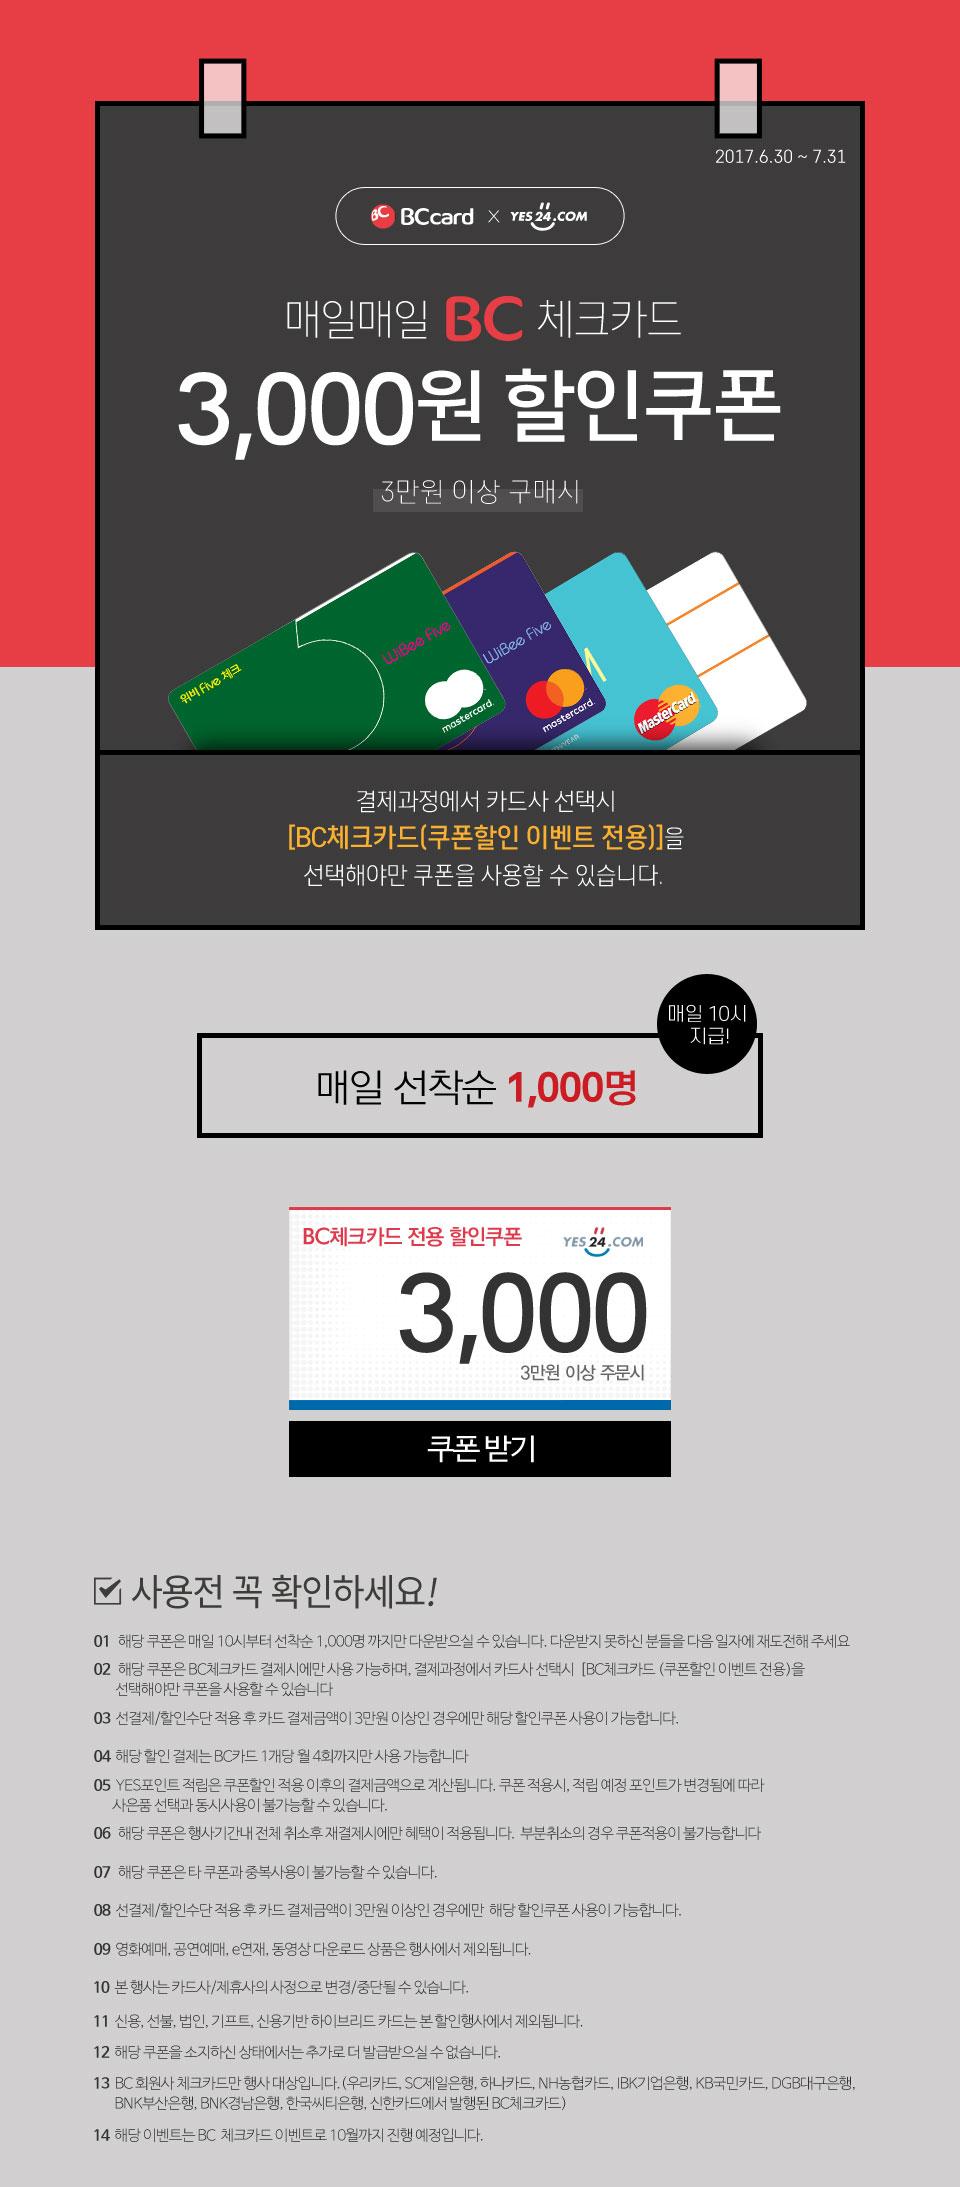 BC체크카드 3천원 할인쿠폰 이벤트